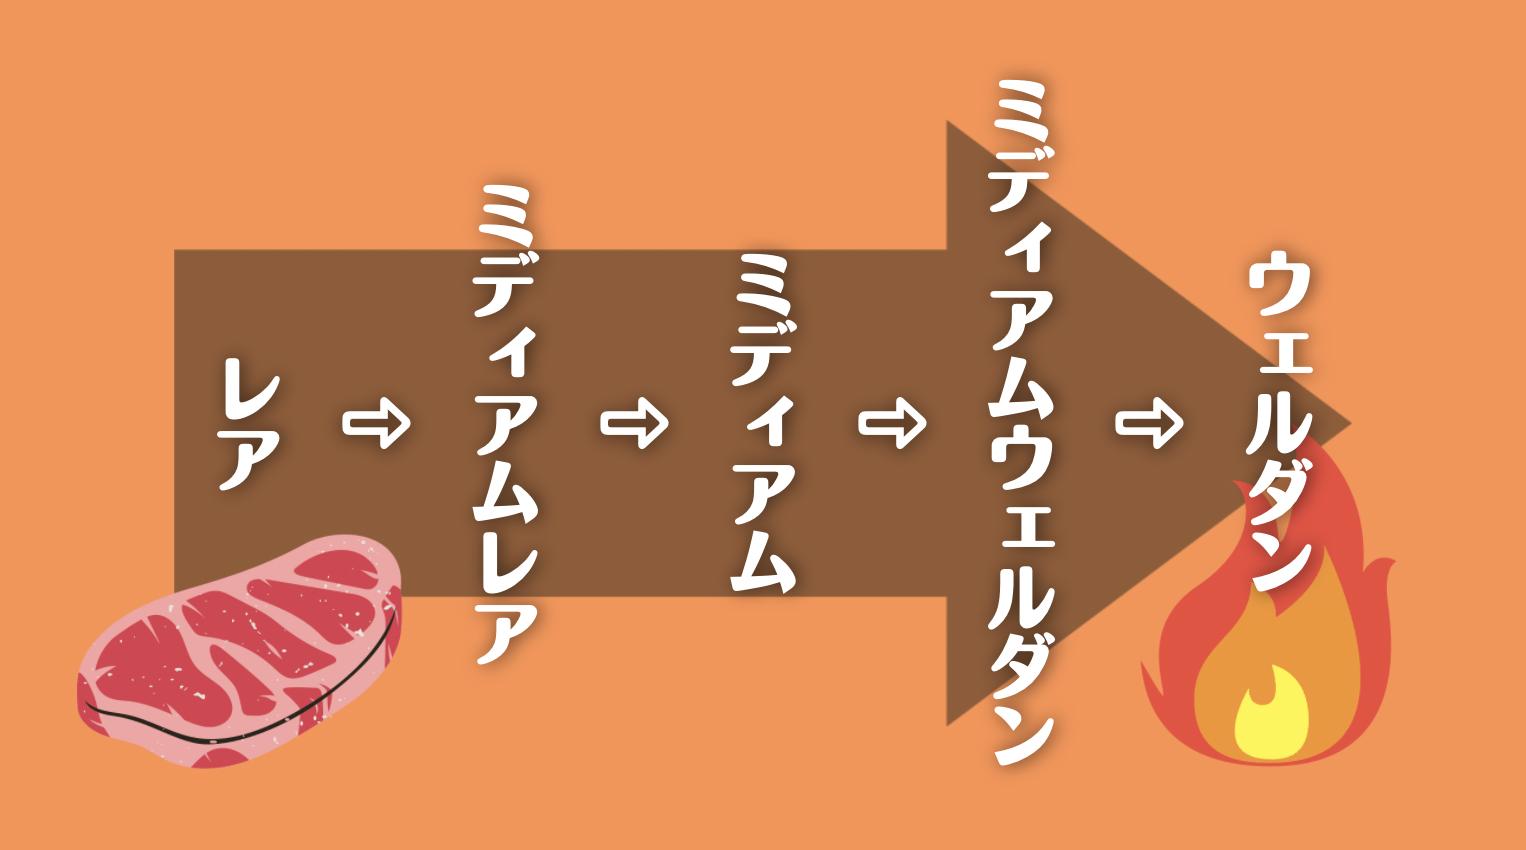 お肉の焼き加減のオリジナル画像